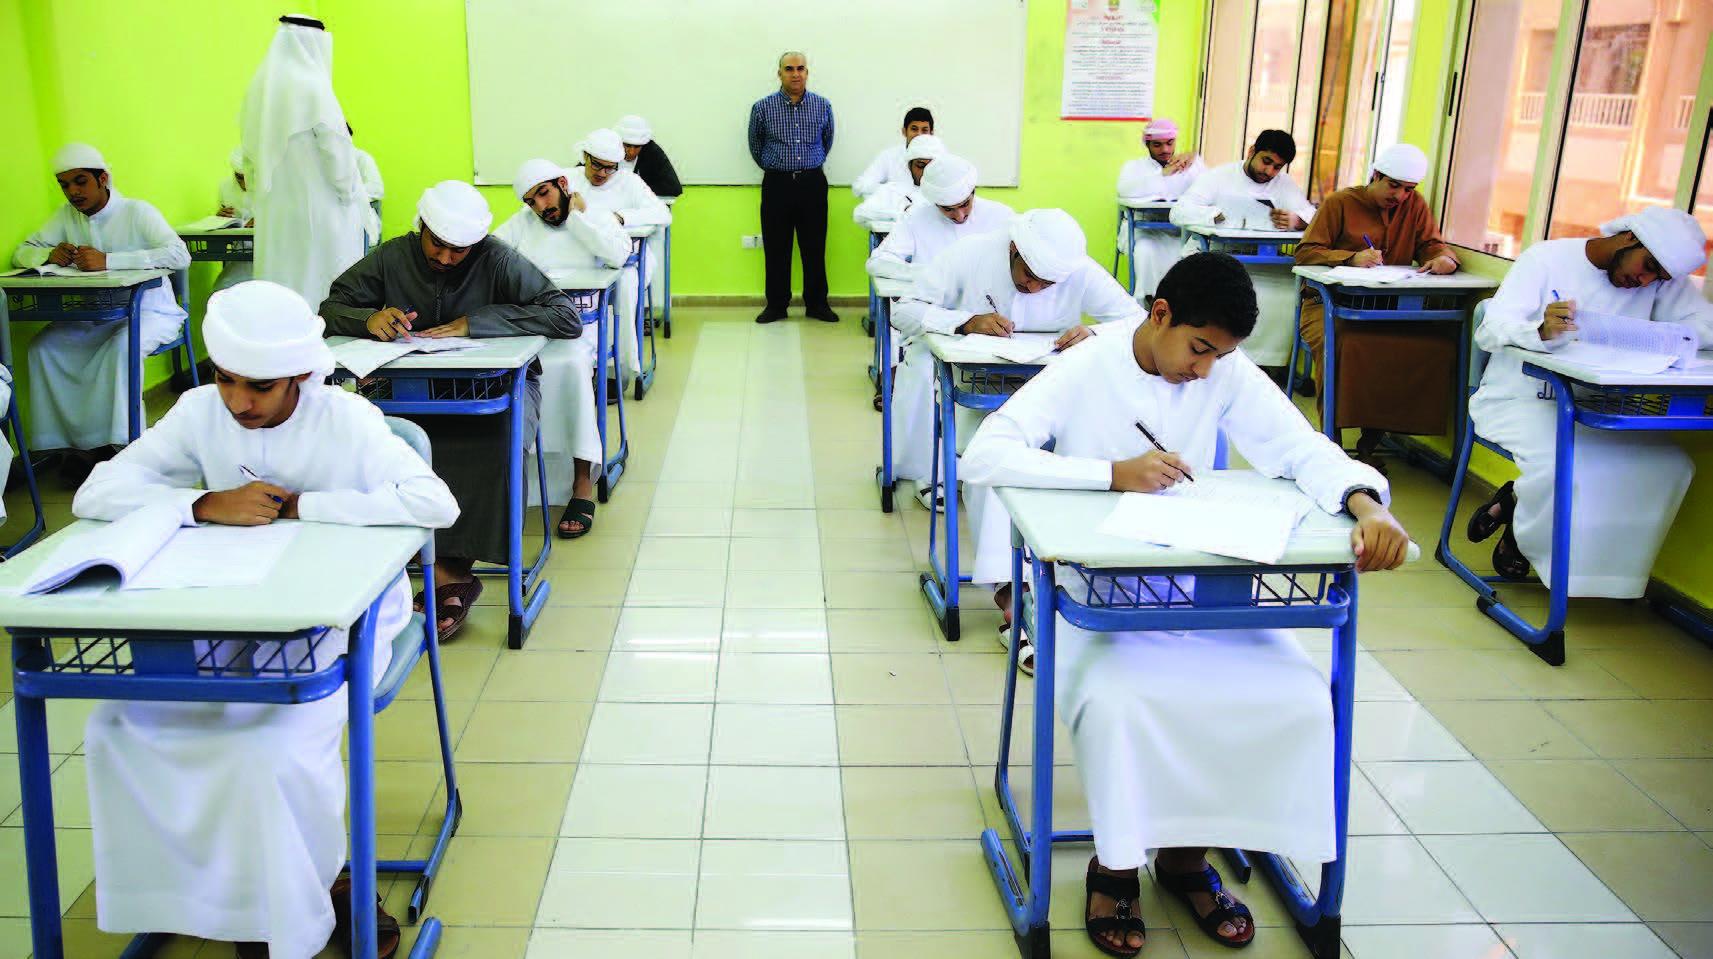 التربية تعلن جداول امتحانات نهاية العام الدراسي لكل الصفوف